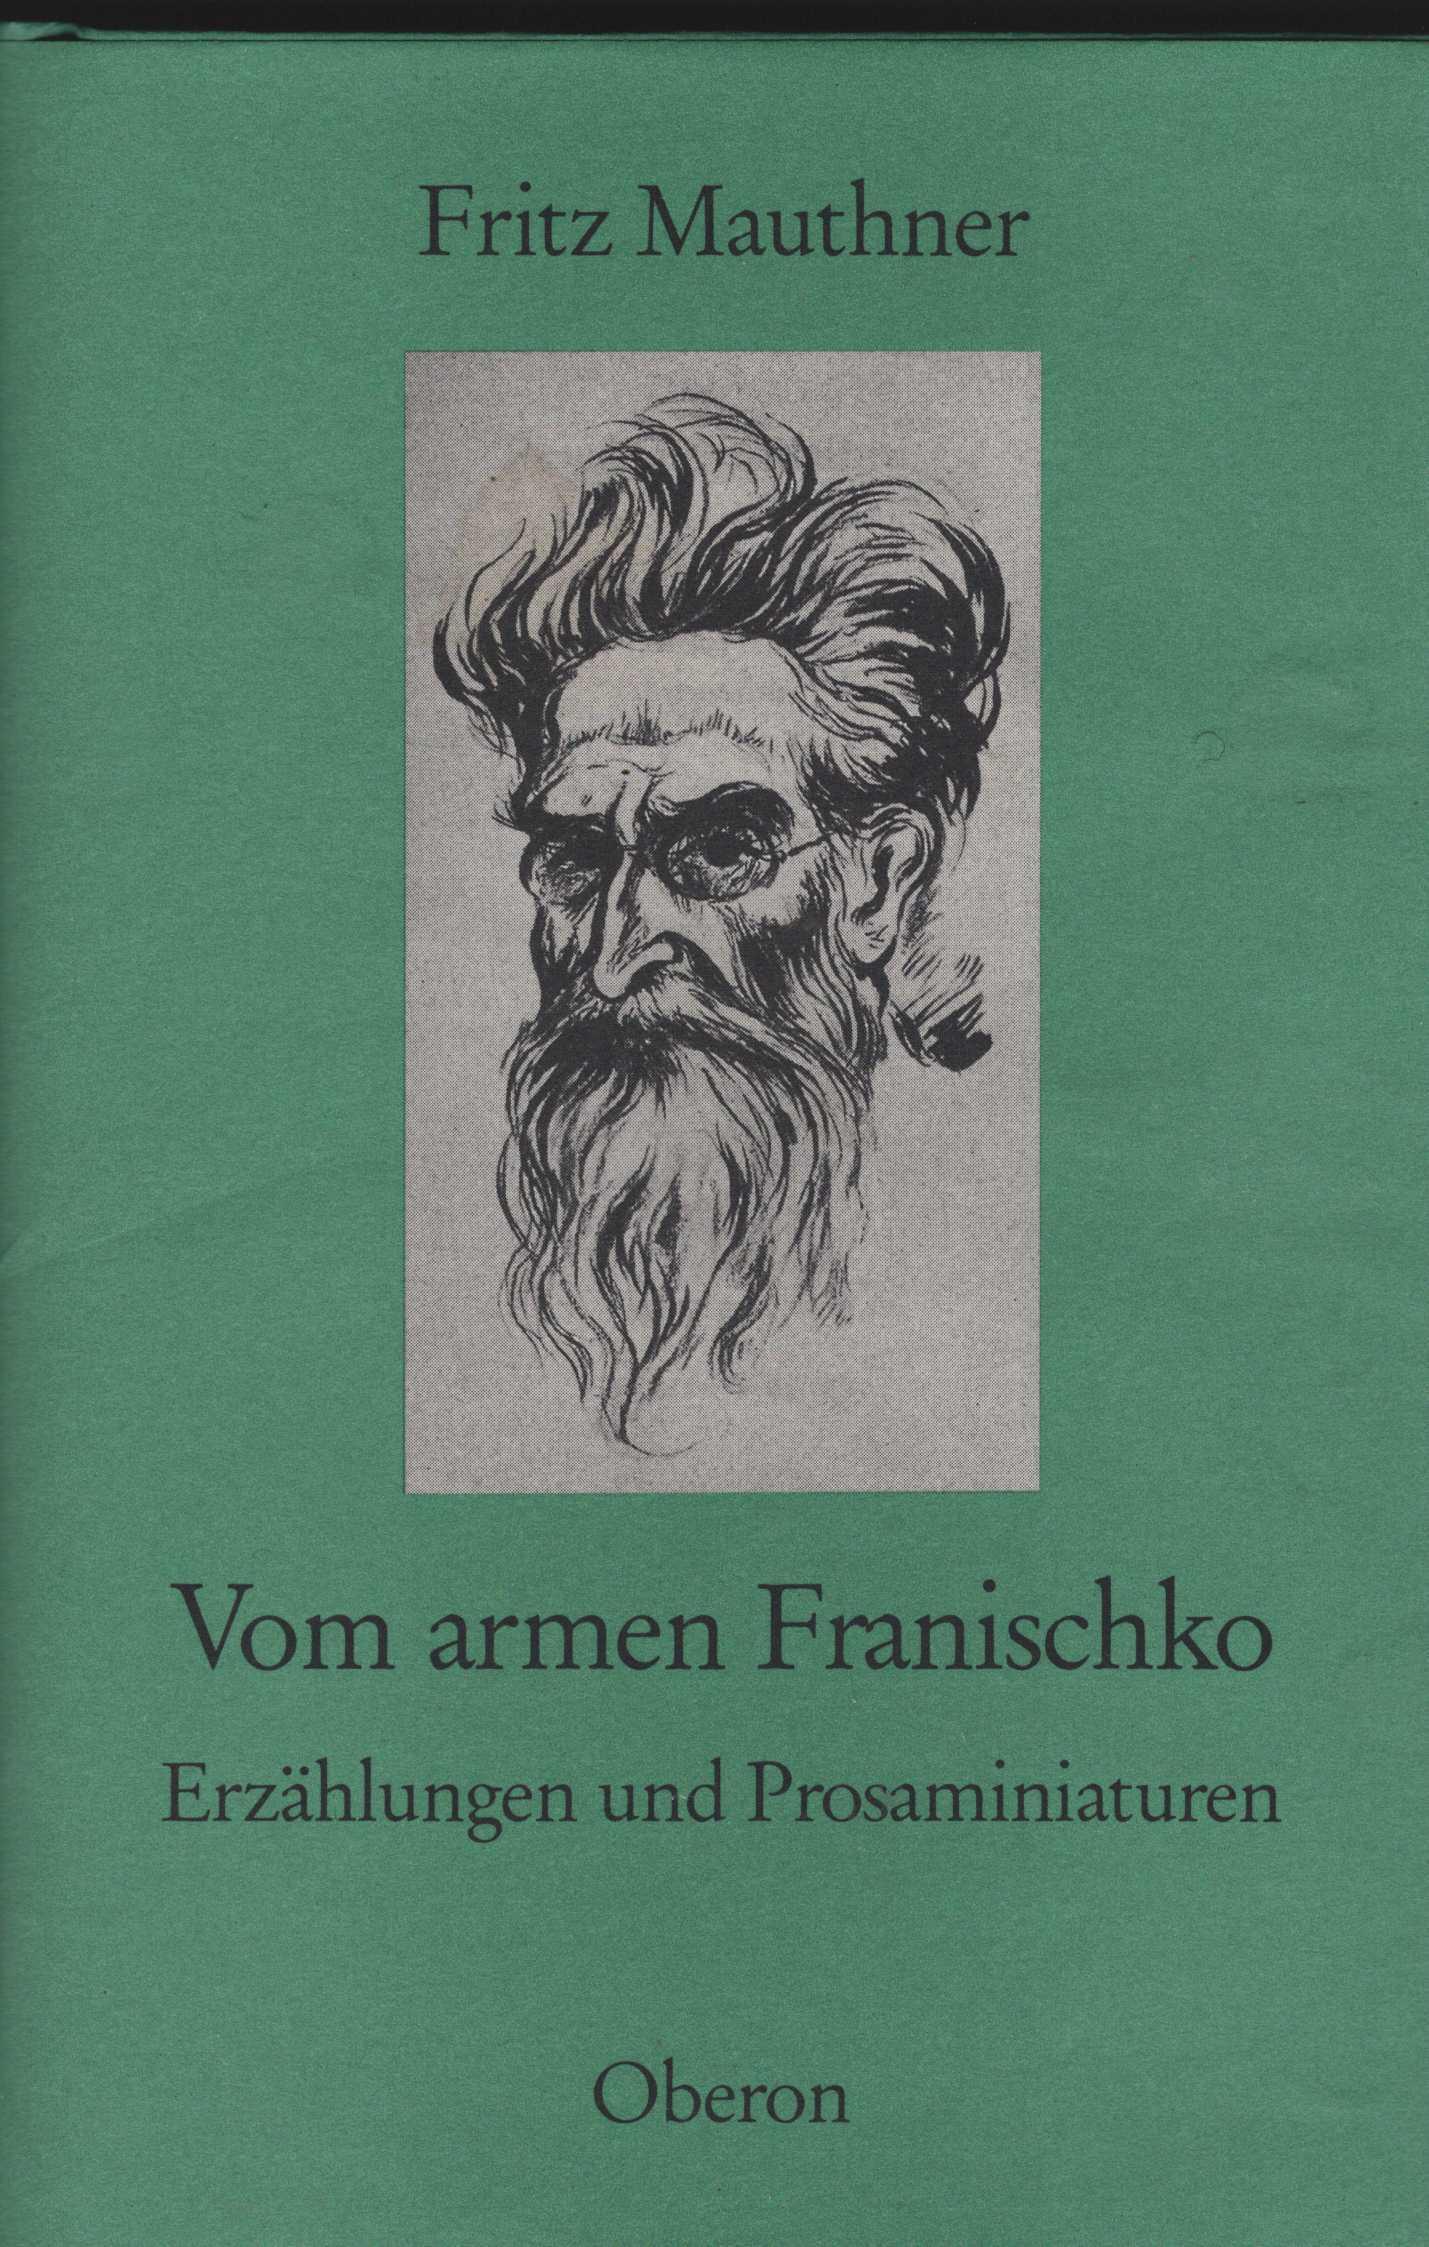 Vom armen Franischko. Erzählungen und Prosaminiaturen. Mit: Mauthner, Fritz: